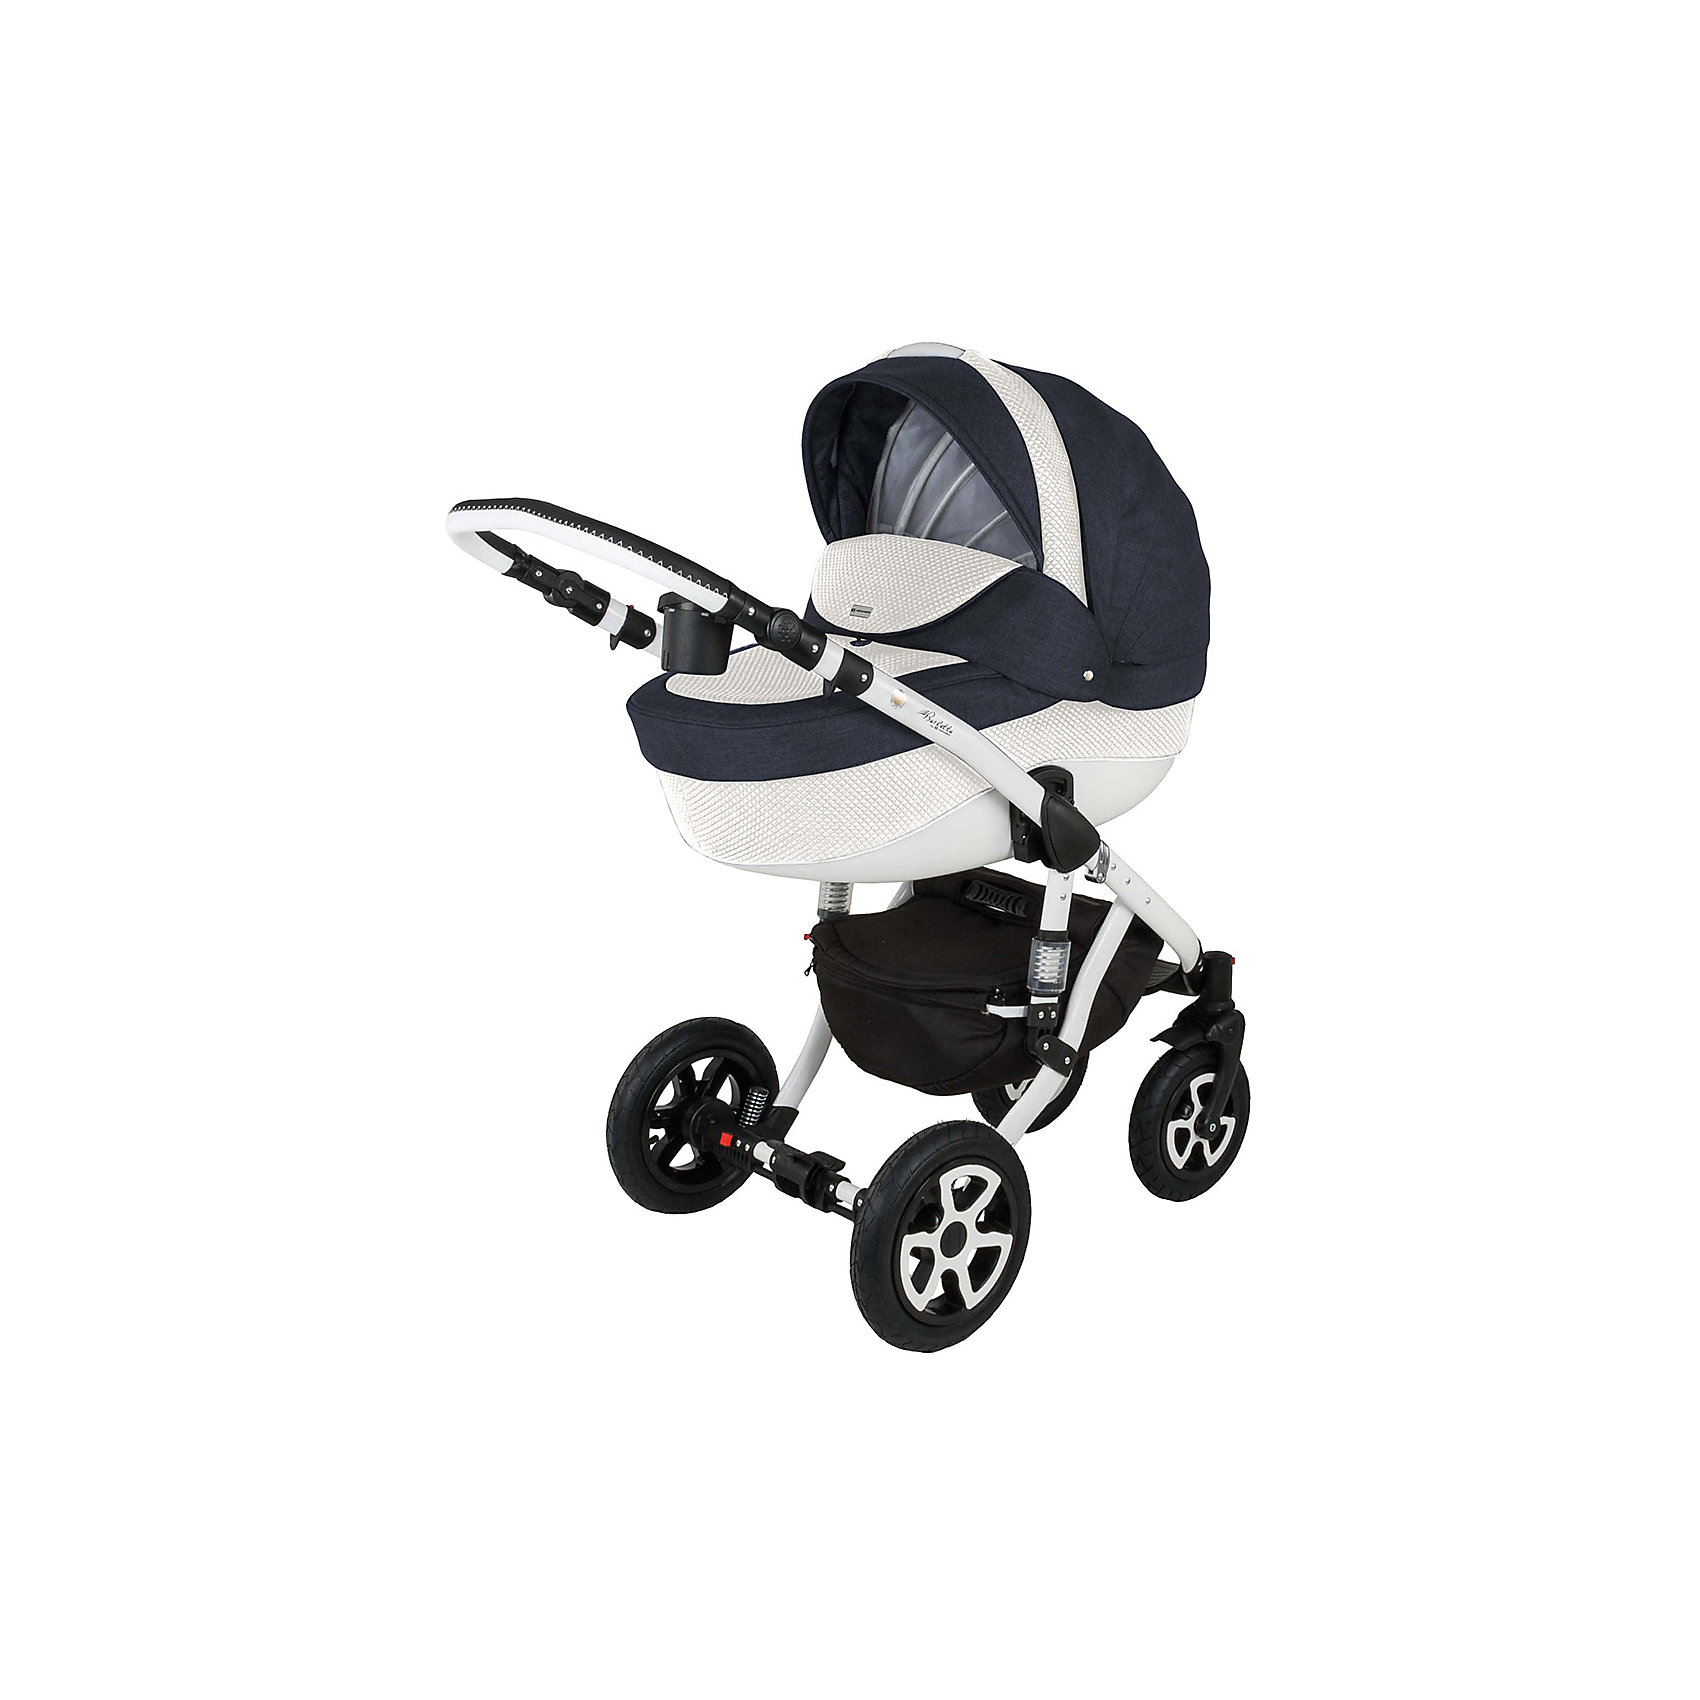 Коляска 2 в 1 Barletta, Adamex, джинс/белыйСтильная коляска выполнена в современном и удобном дизайне. Прочная и удобная коляска позволит перевозить ребенка, не беспокоясь при этом о его безопасности. Приятный цвет коляски практичен и универсален. За счет продуманной формы колес и амортизации коляска отлично будет ехать как по не ровной дороге, так и по снегу. Коляска легкая и прочная.<br>На коляске - колеса разного размера, поэтому конструкция - очень устойчивая. Модель дополнена 5-точечными ремнями безопасности. Изделие произведено из качественных и безопасных для малышей материалов, оно соответствуют всем современным требованиям безопасности.<br><br>Дополнительная информация:<br><br>цвет: синий, белый;<br>механизм складывания: книжка; <br>тип колес: надувные; <br>пятиточечные ремни безопасности; <br>четыре положения спинки; <br>регулировка положений ручки и подножки; <br>материал рамы: алюминий; <br>съёмный бампер; <br>мягкие накладки на внутренних ремнях безопасности; <br>передние колеса поворотные с возможностью фиксации; <br>система амортизации - пружины;<br>вес: 15.4 кг; <br>размер коляски: 106х124х60 см. <br><br>Коляска 2 в 1 Barletta, джинс/белый от компании Adamex можно купить в нашем магазине.<br><br>Ширина мм: 970<br>Глубина мм: 600<br>Высота мм: 660<br>Вес г: 20700<br>Возраст от месяцев: 0<br>Возраст до месяцев: 36<br>Пол: Унисекс<br>Возраст: Детский<br>SKU: 4778502